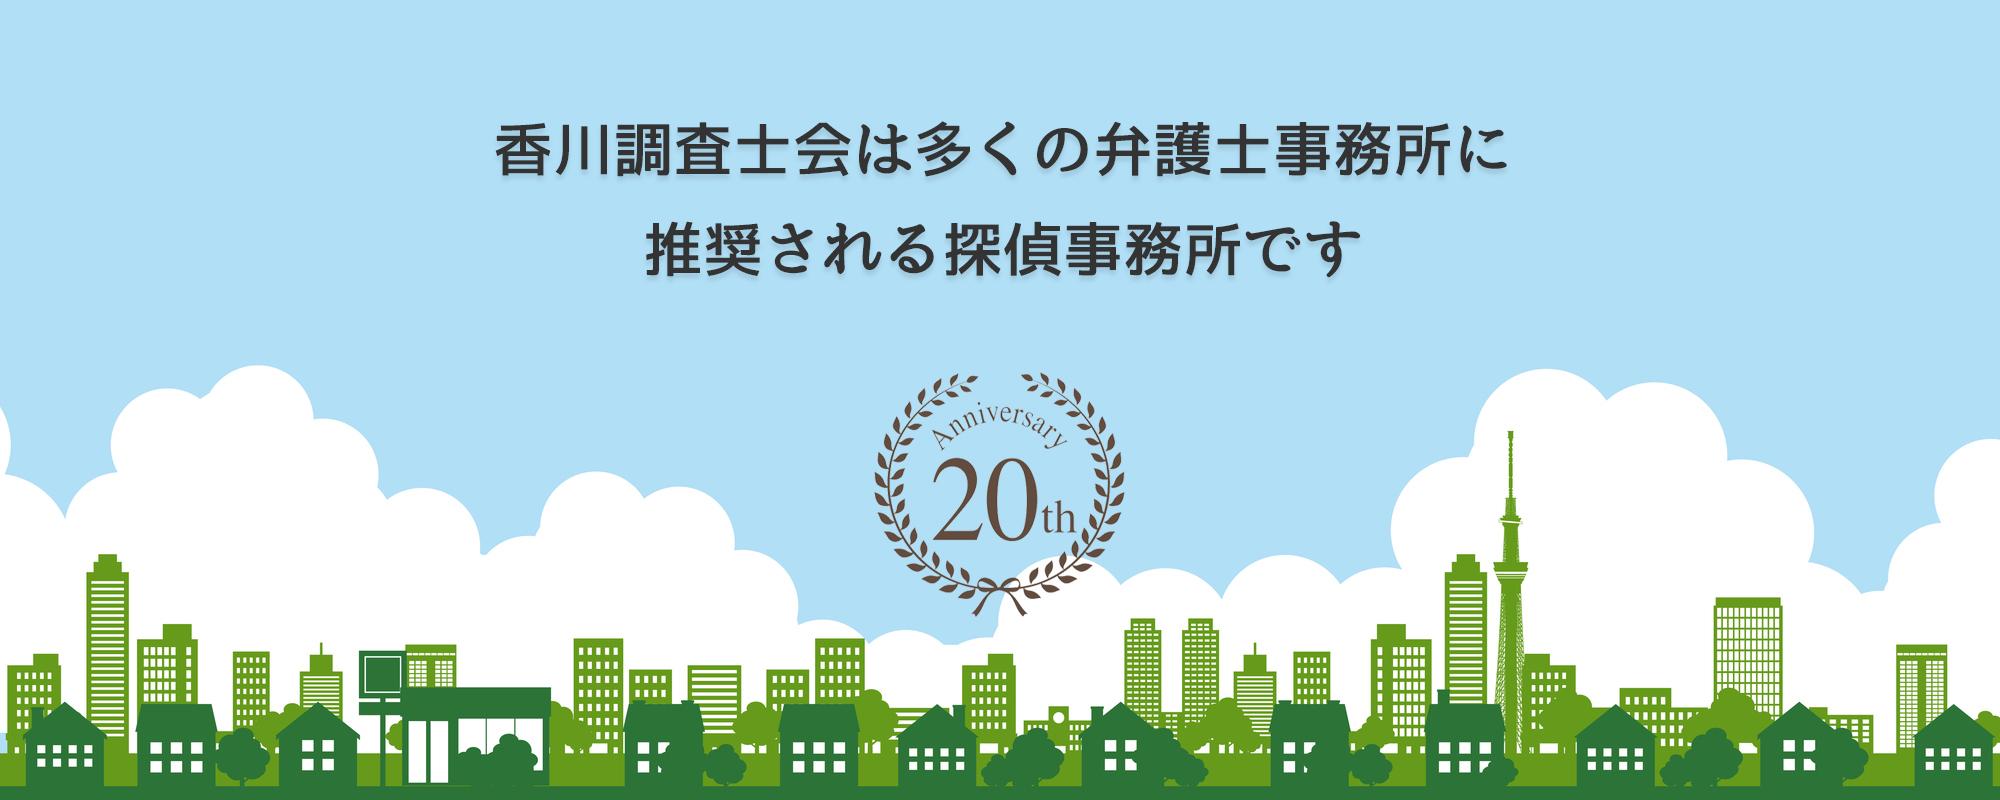 香川相談室は多くの弁護士事務所に推奨されています。